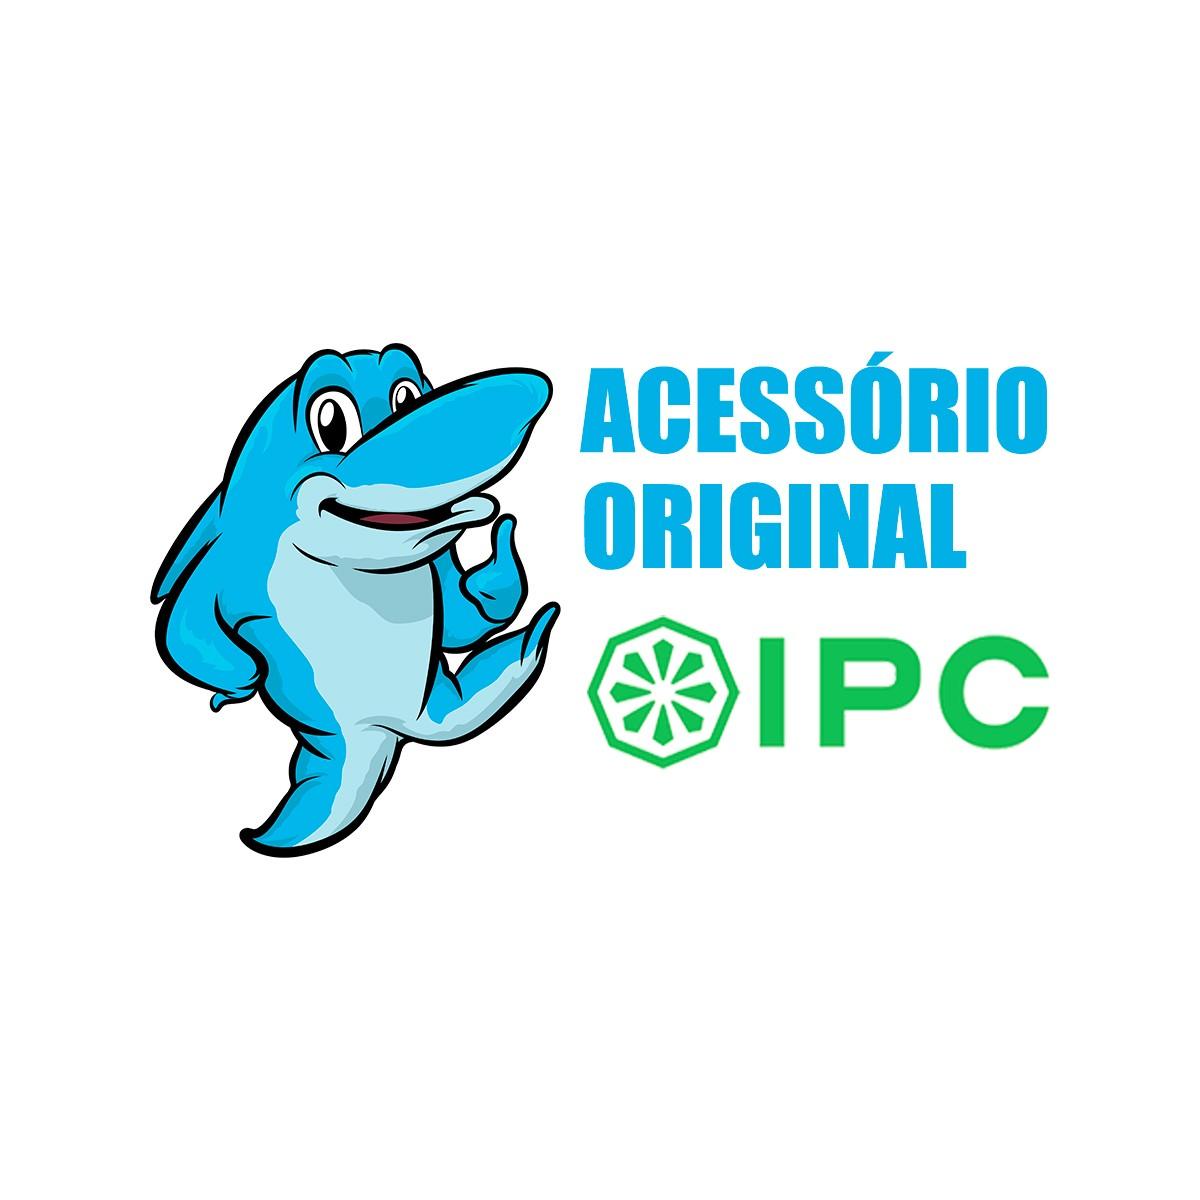 Filtro Completo original IPC para Aspiradores e Extratoras AA162, EA162, AA262, EA262